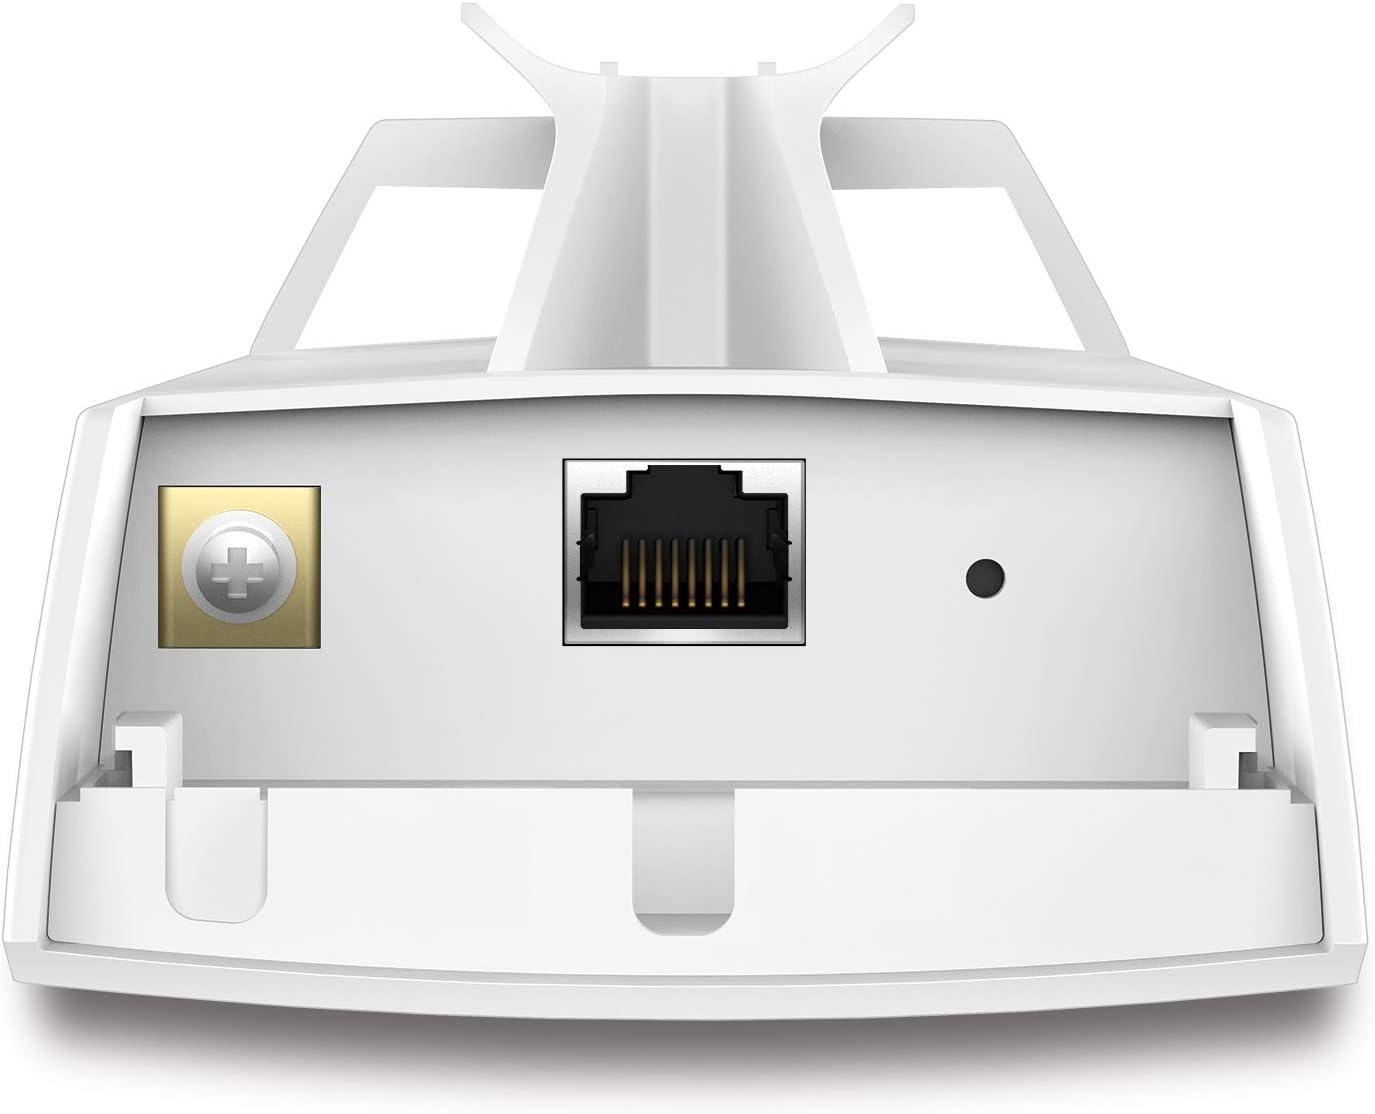 TP-LINK CPE510 - Punto de acceso inalámbrico/CPE de Exterior a 5.0 GHz 300 Mbps 13 dBi (2x2 antena MIMO, 15 KM, Adaptador PoE Pasivo, tecnología ...